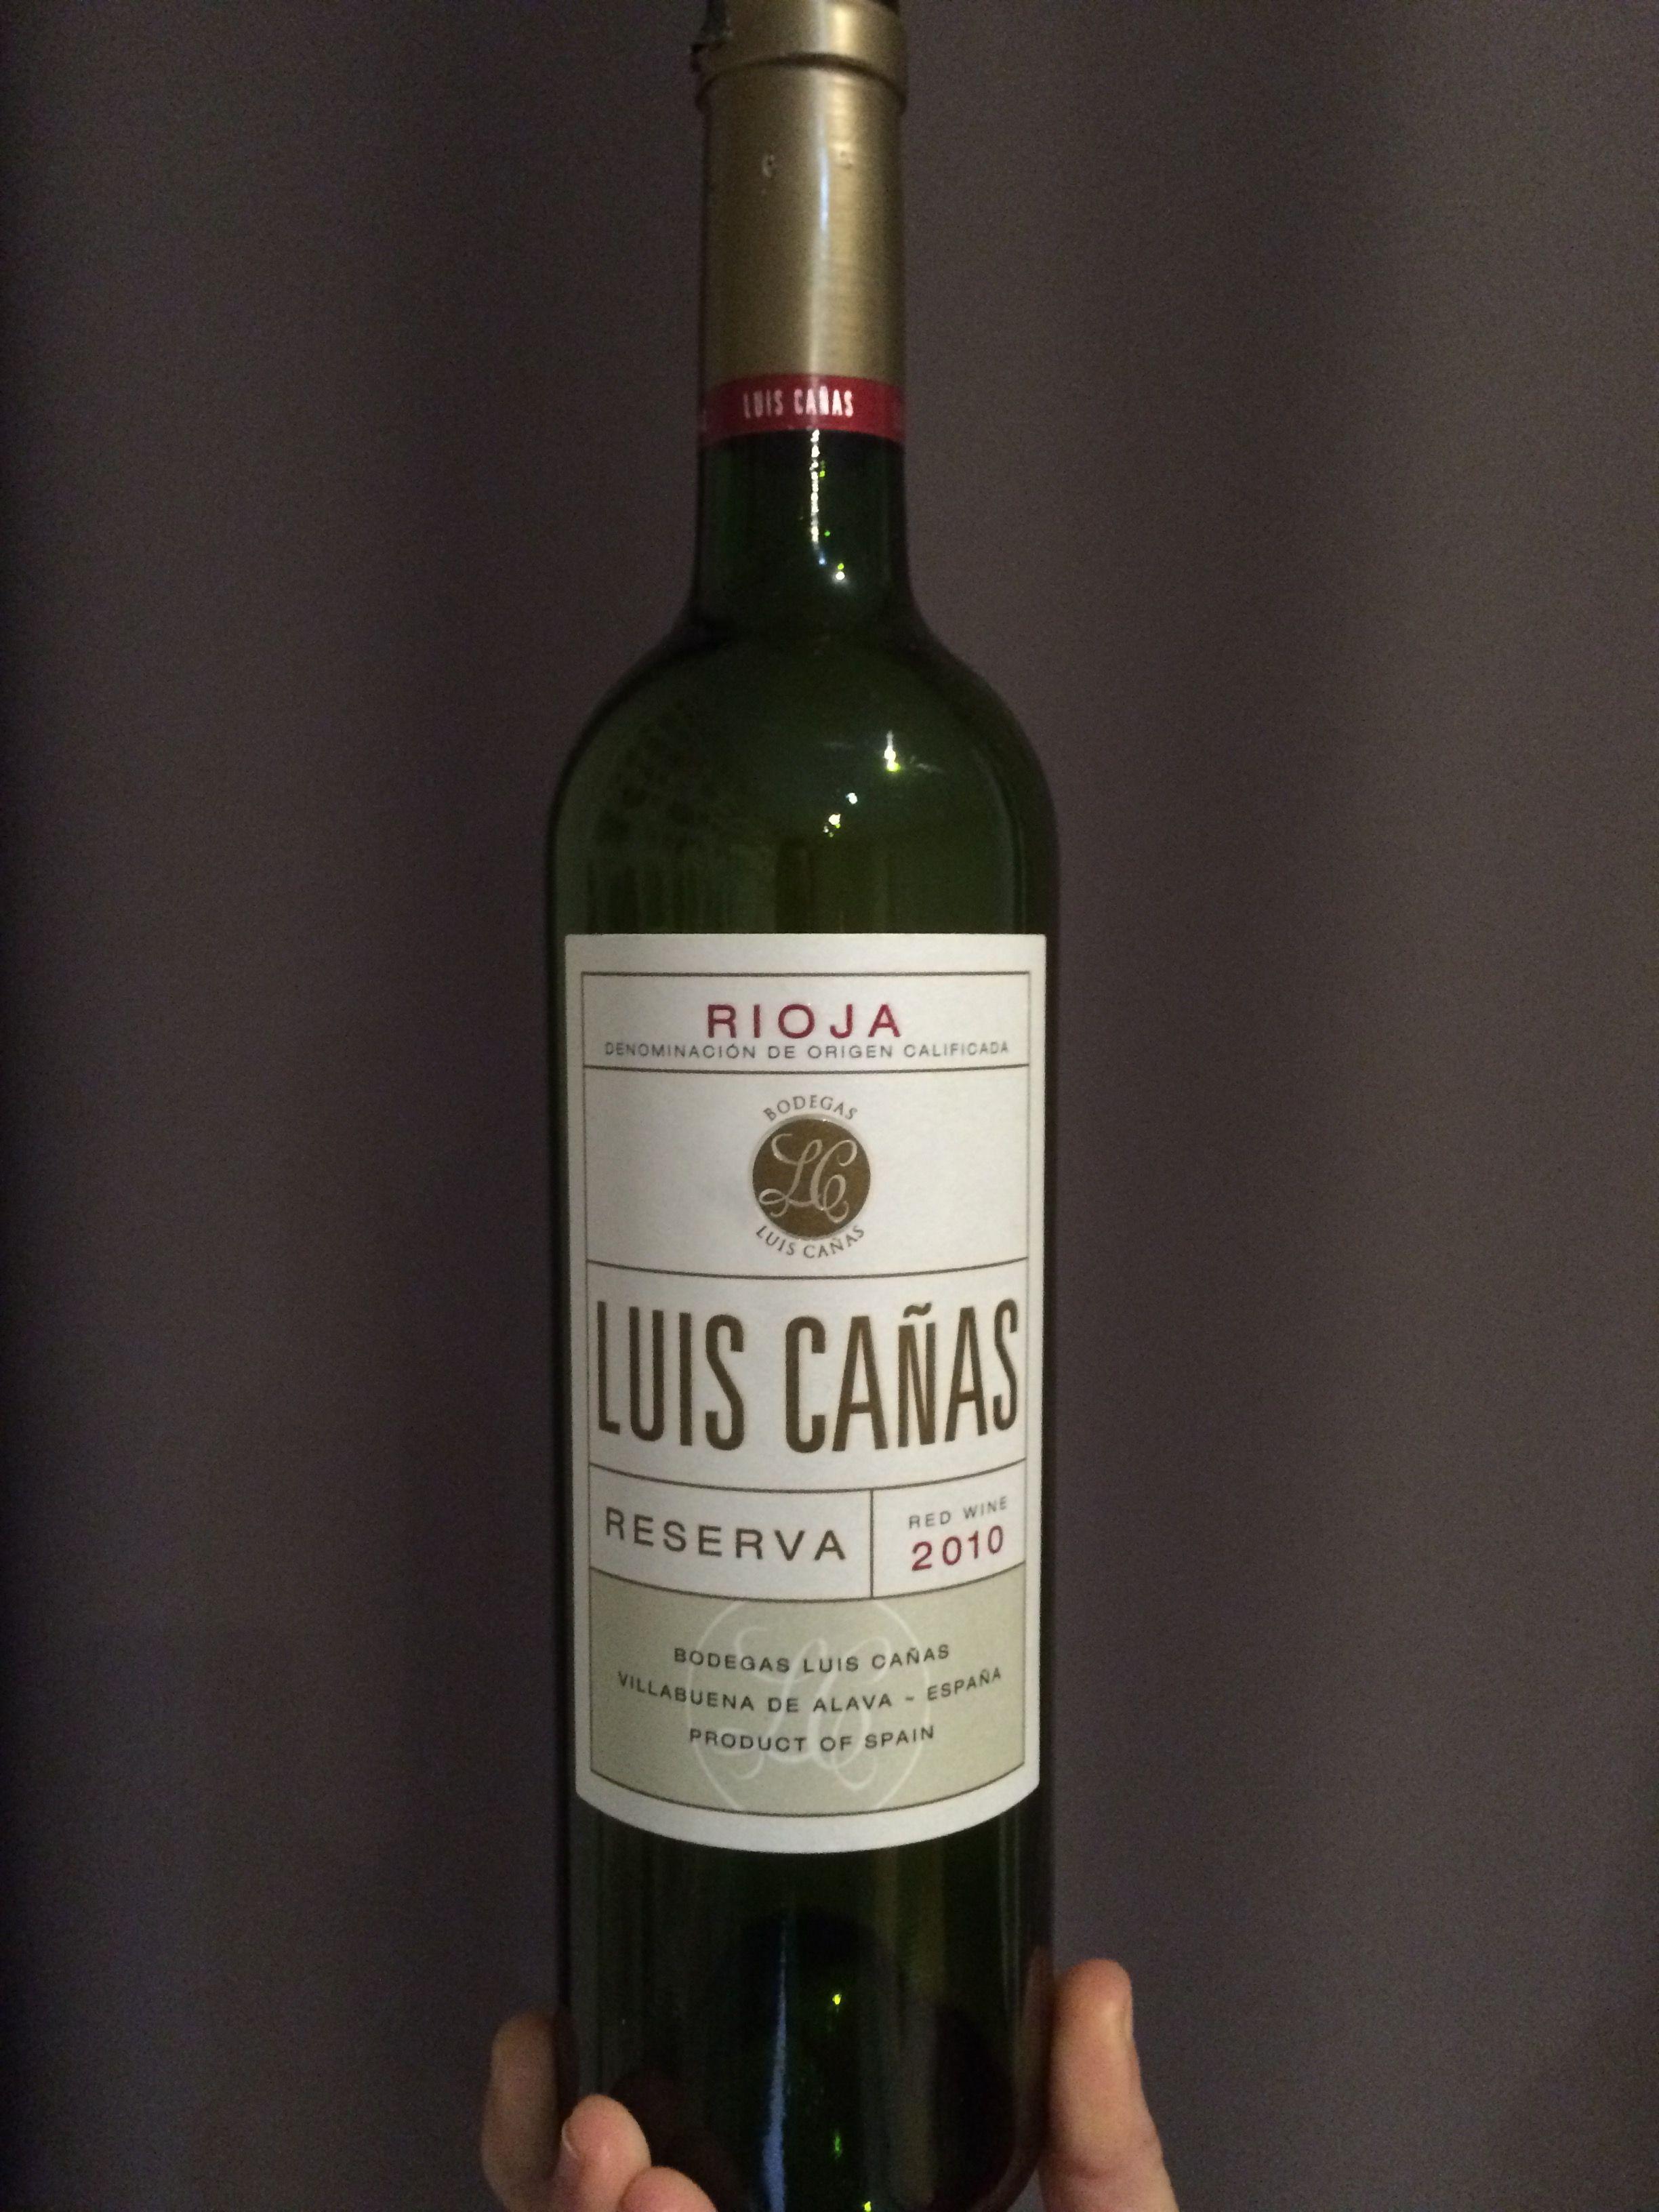 Luis Cañas Reserva 2010 Canas Luis